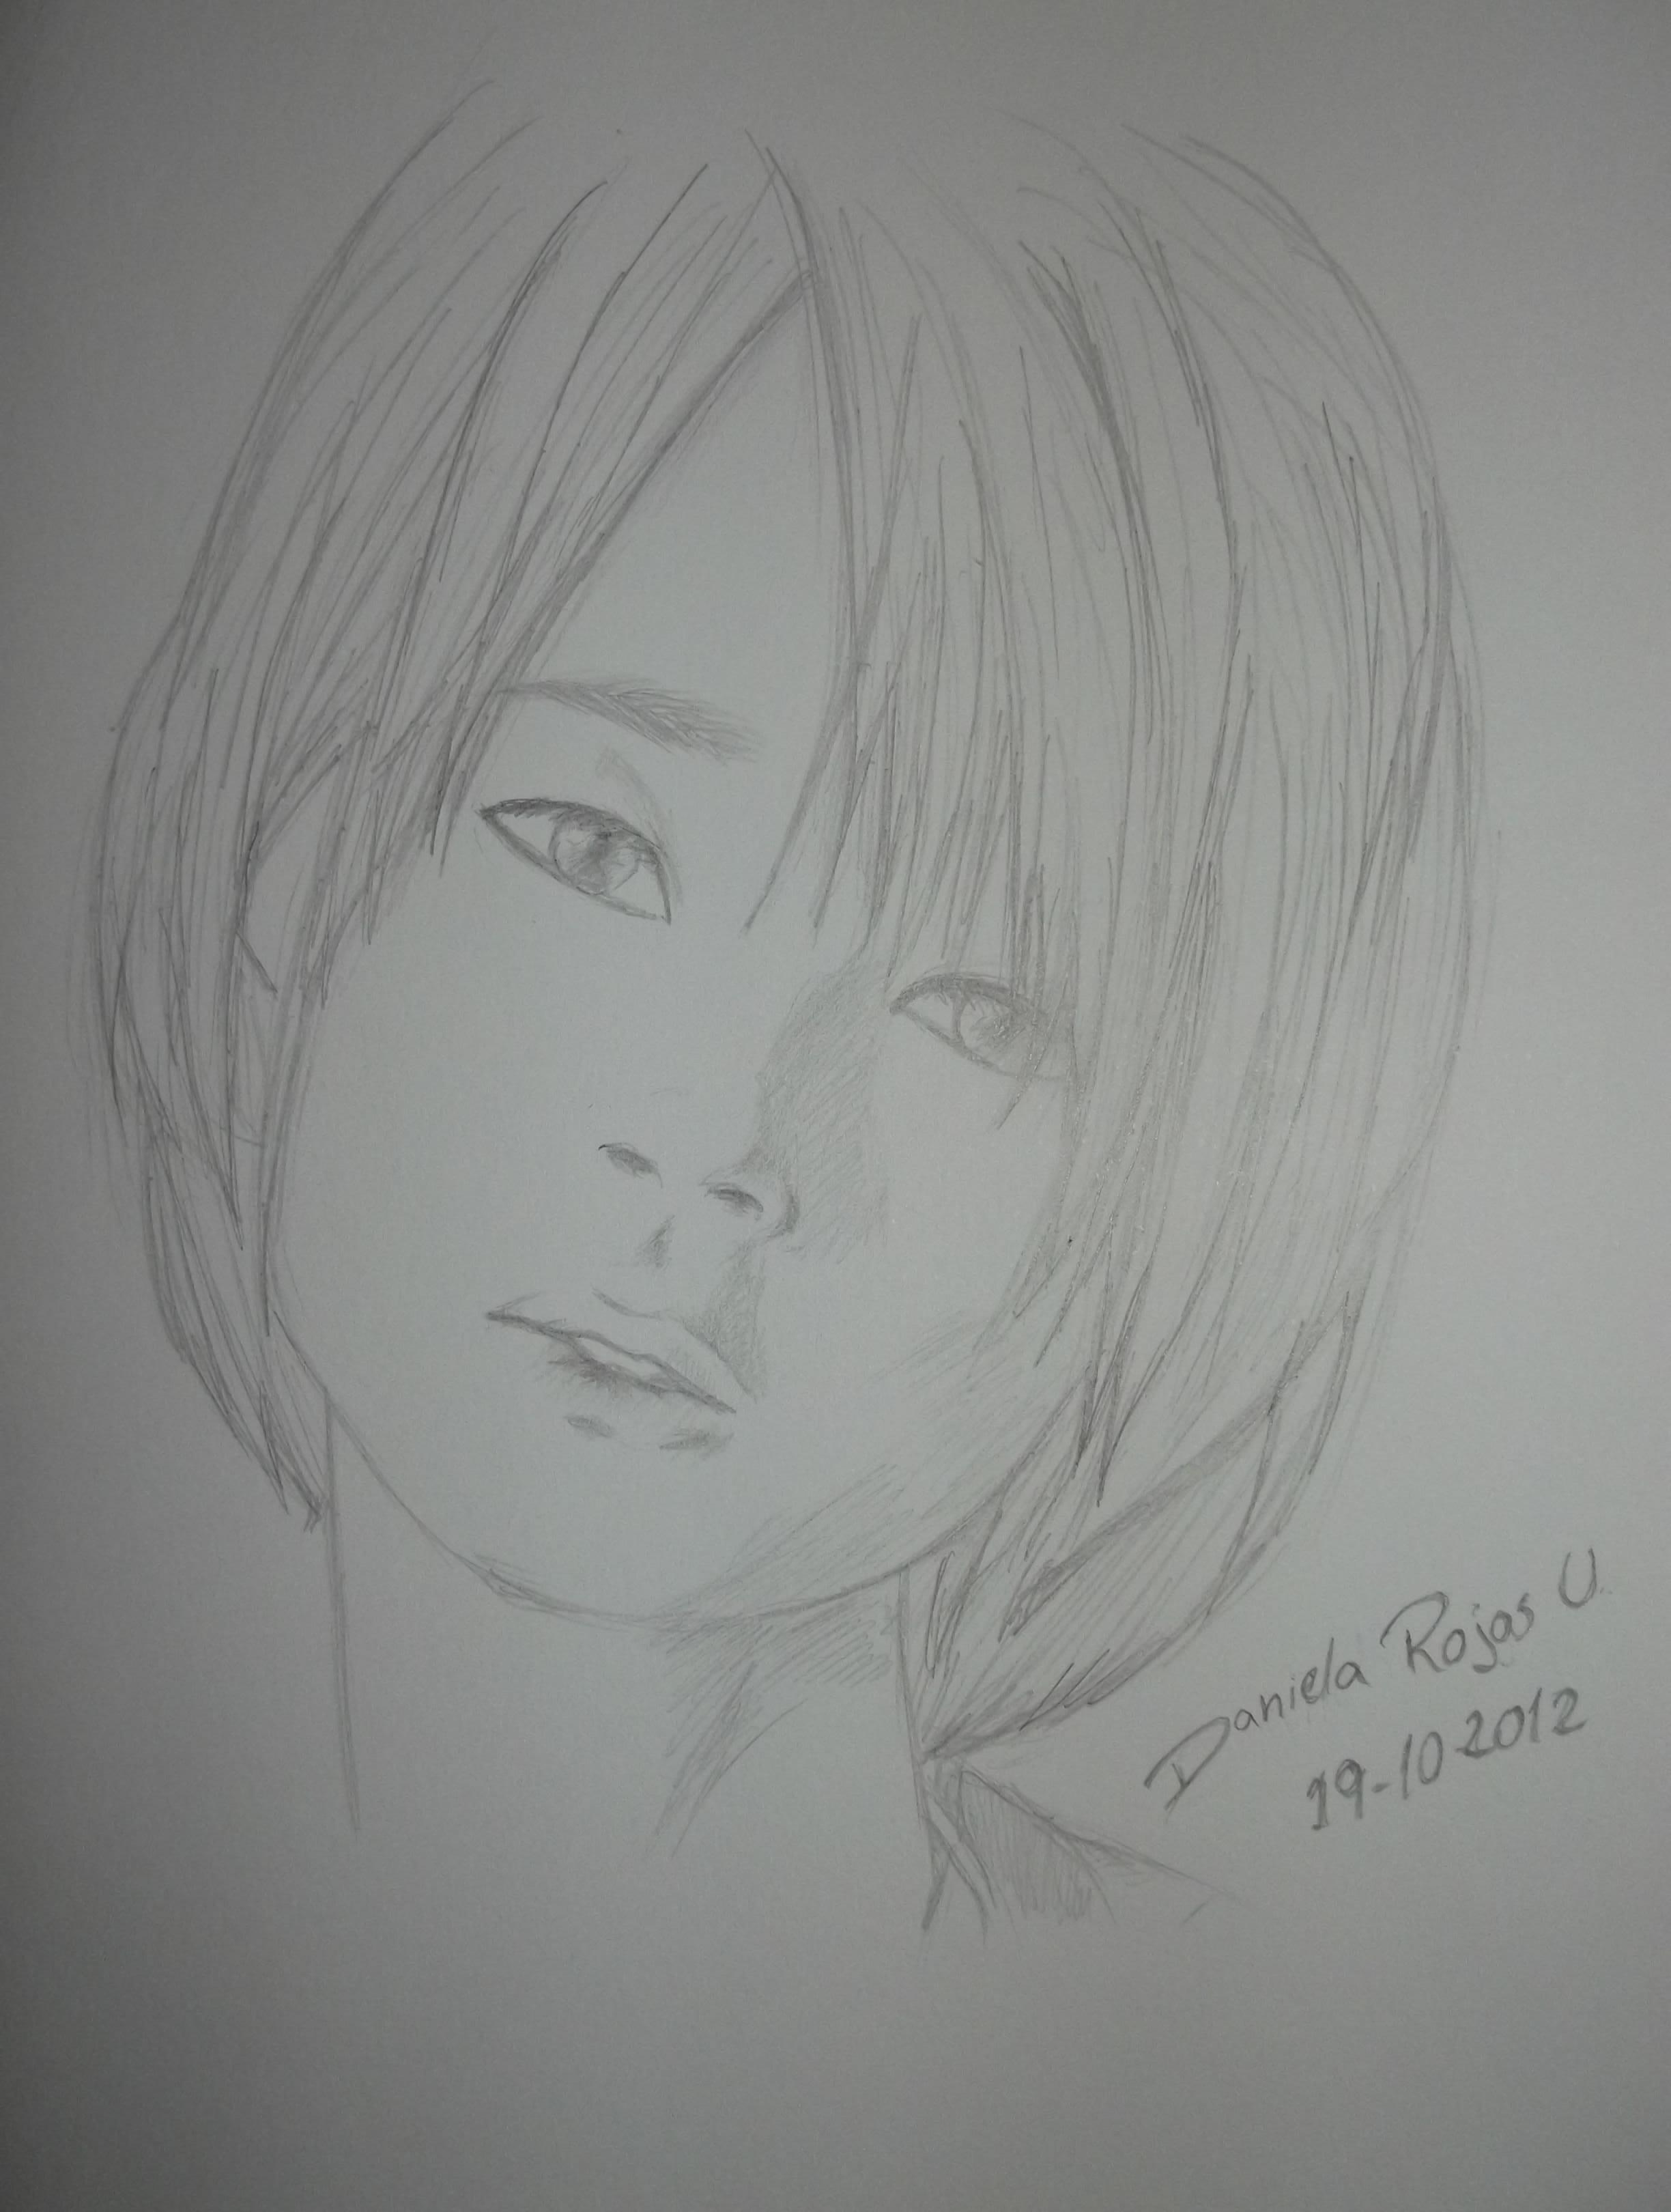 Ueda 19-10-2012 Hikaru